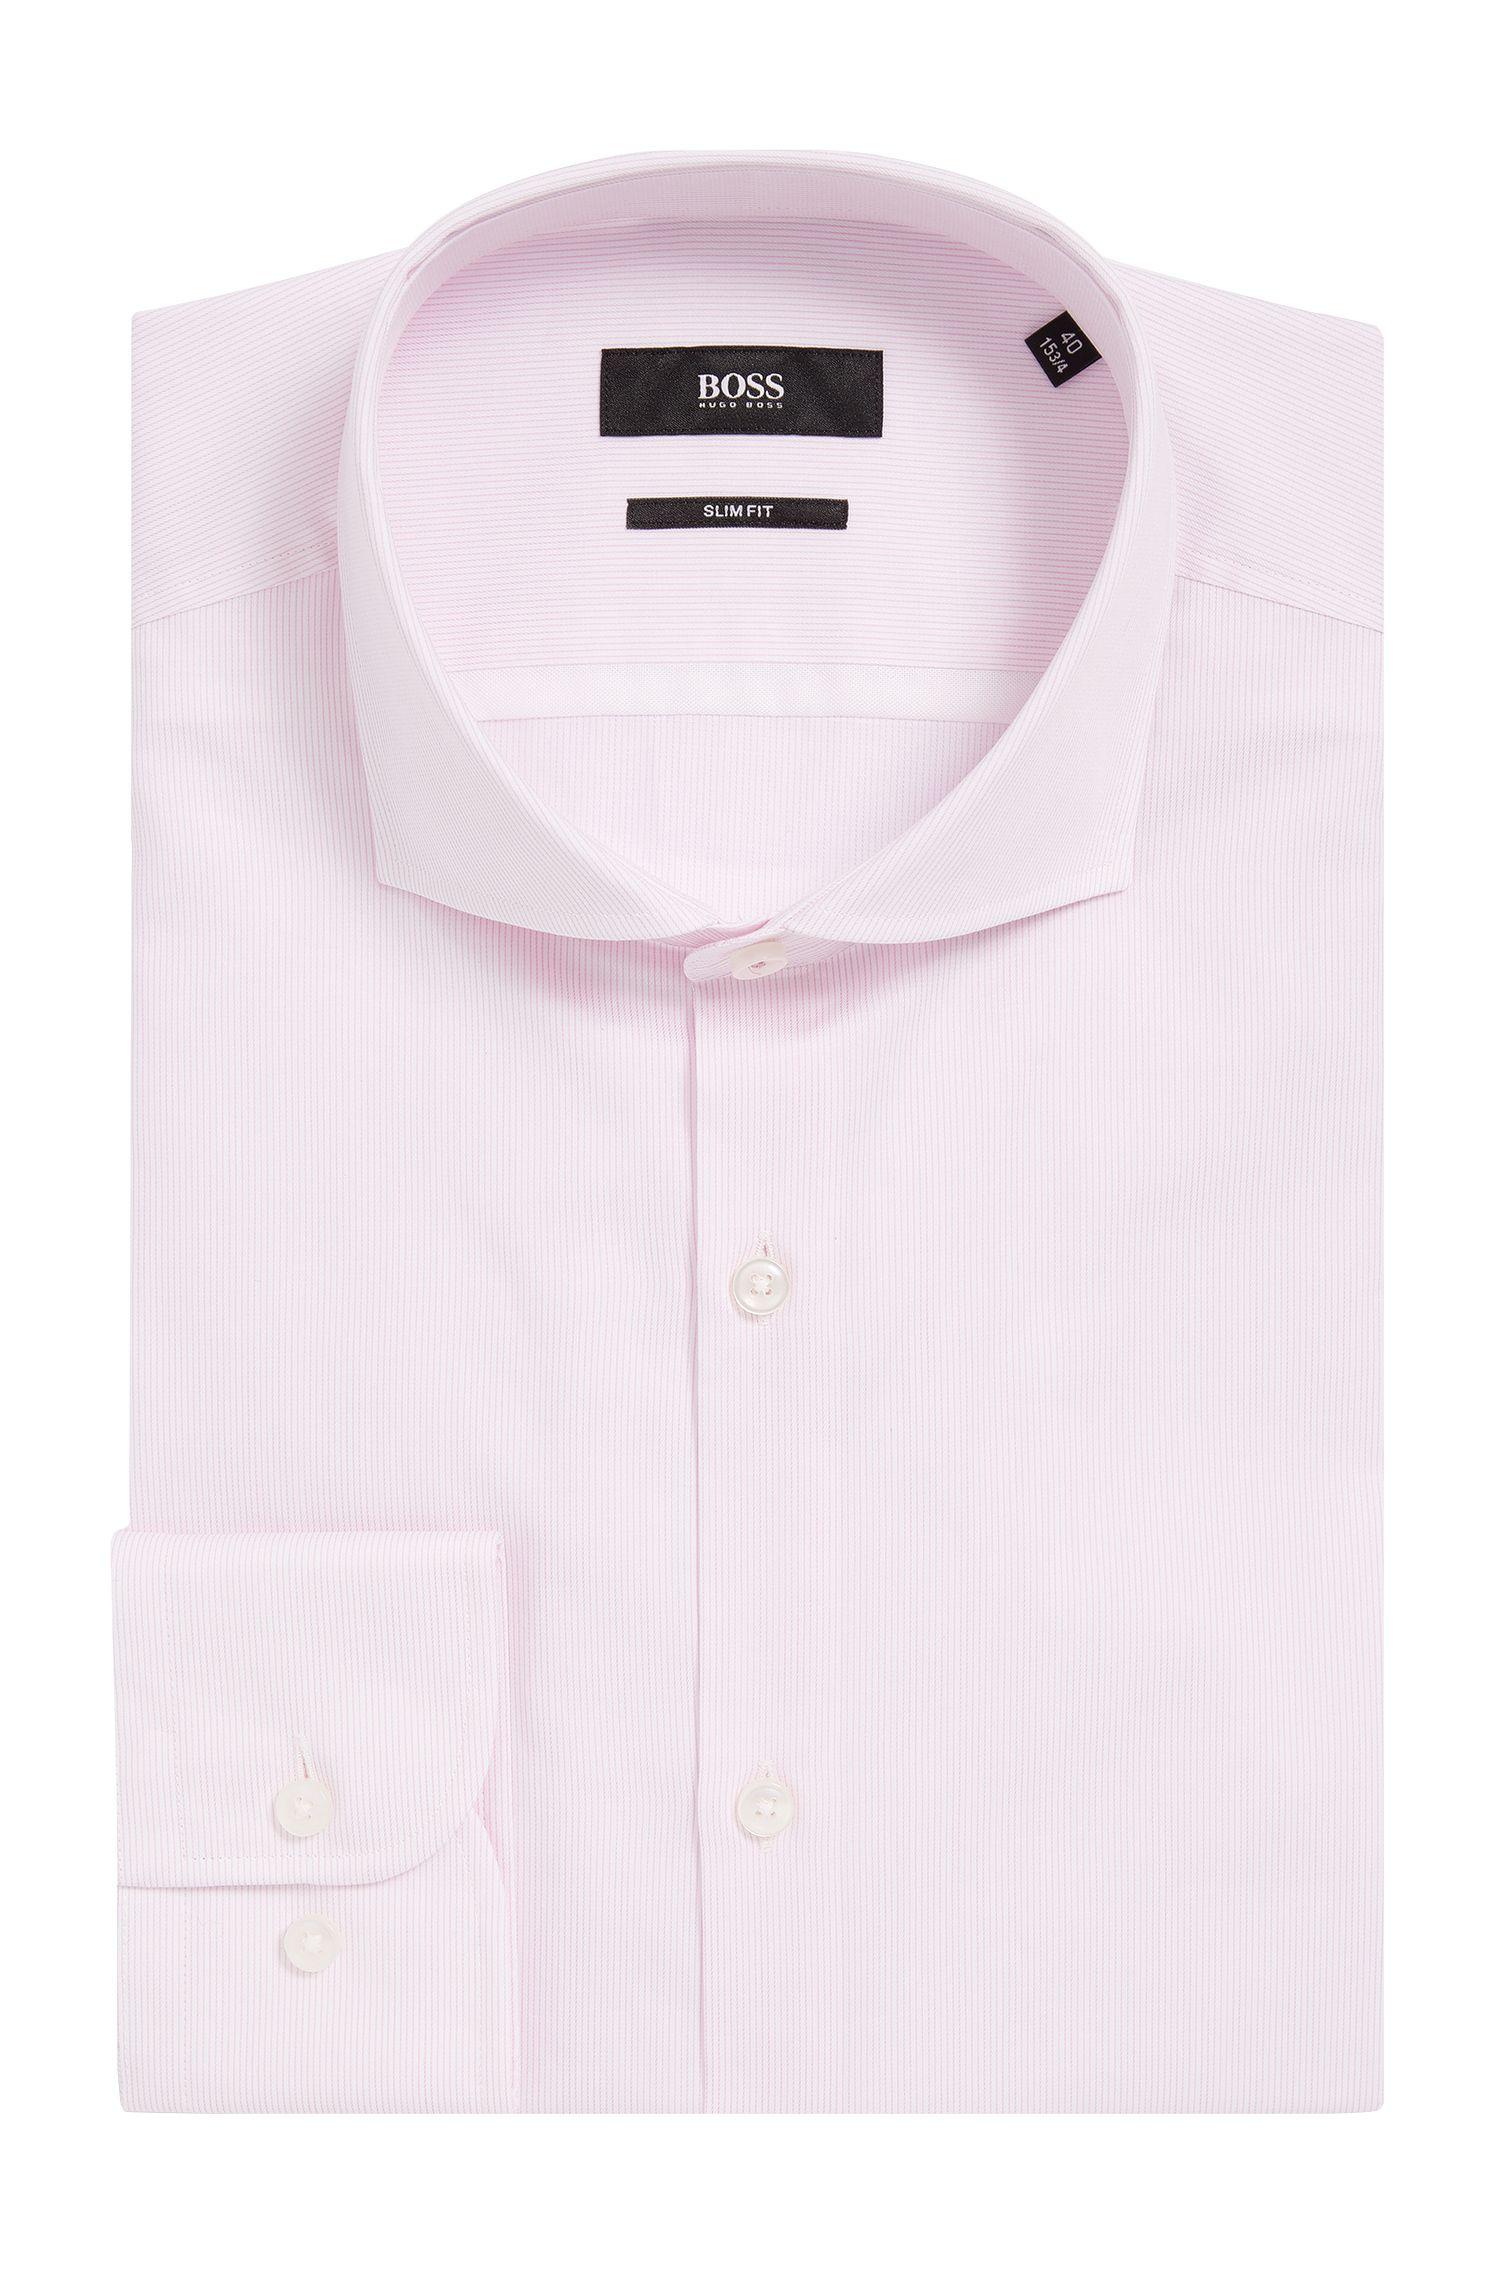 Striped Cotton Dress Shirt, Slim Fit   Jerrin